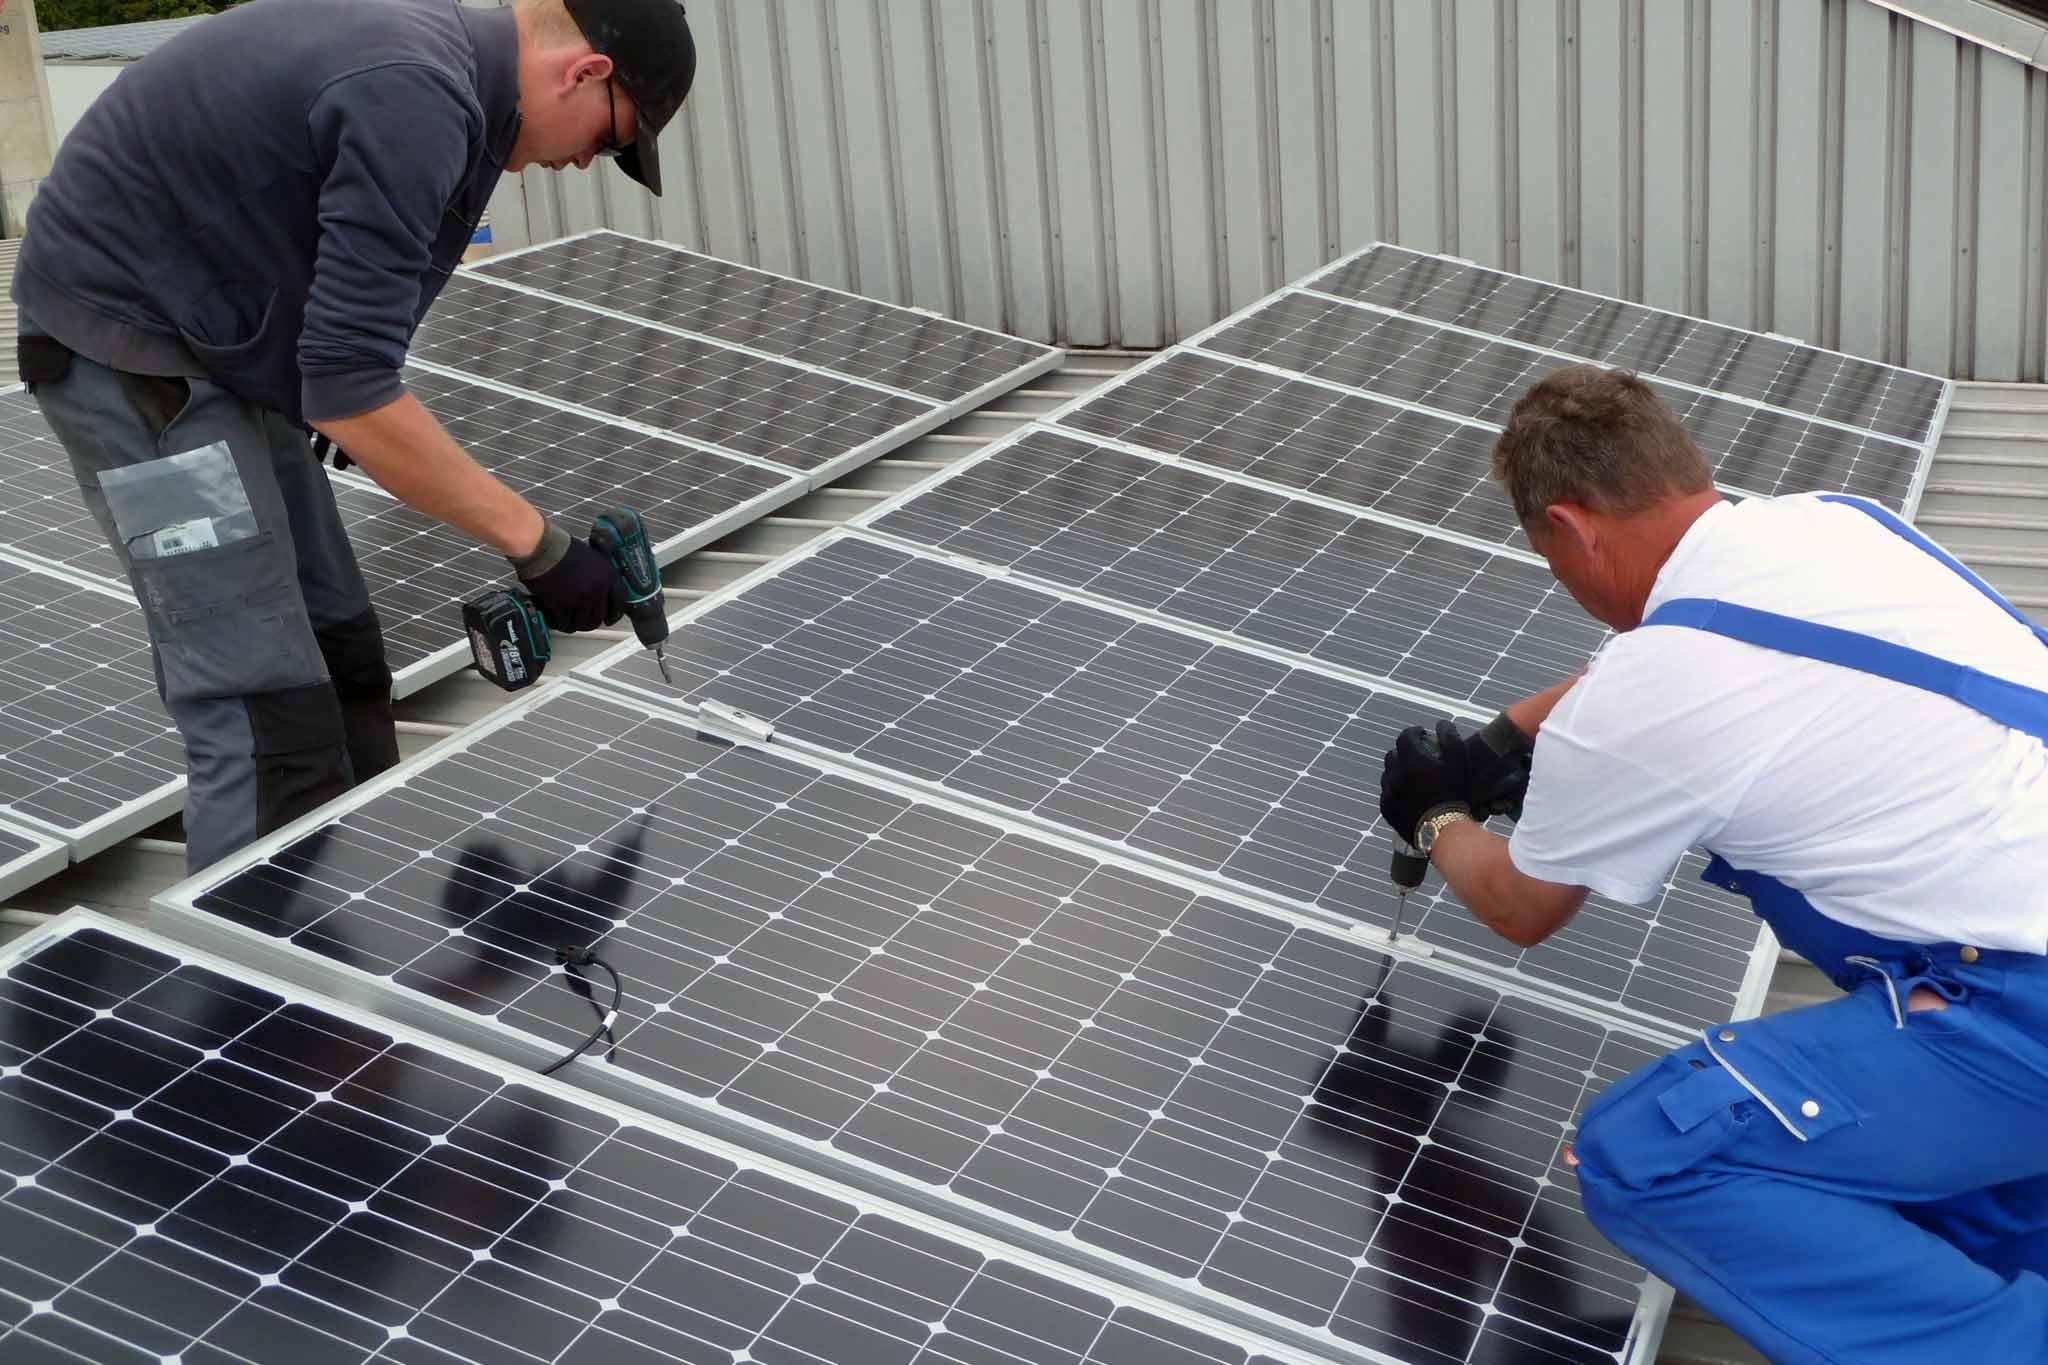 Zwei Männer beim Montieren einer Photovoltaik-Anlage